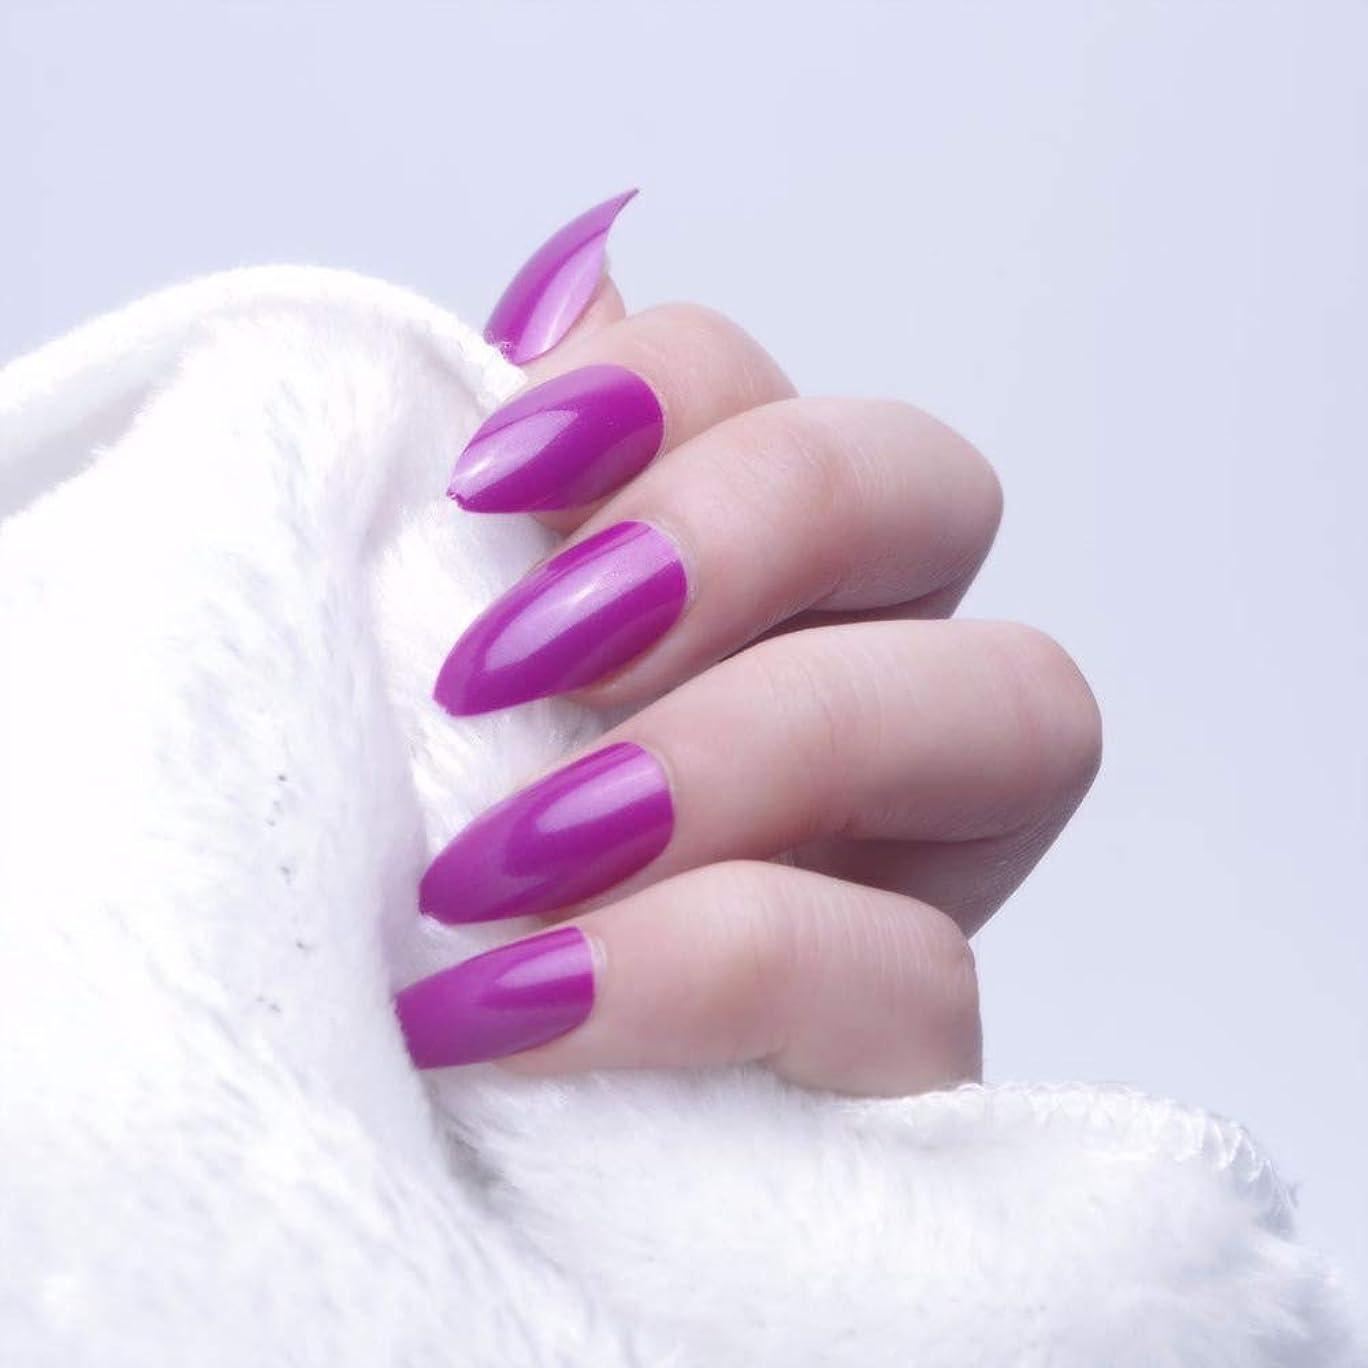 結果毎回奴隷XUTXZKA 24ピースオーバルスティレット偽の爪のヒントフルカバー偽爪ステッカープレスネイル